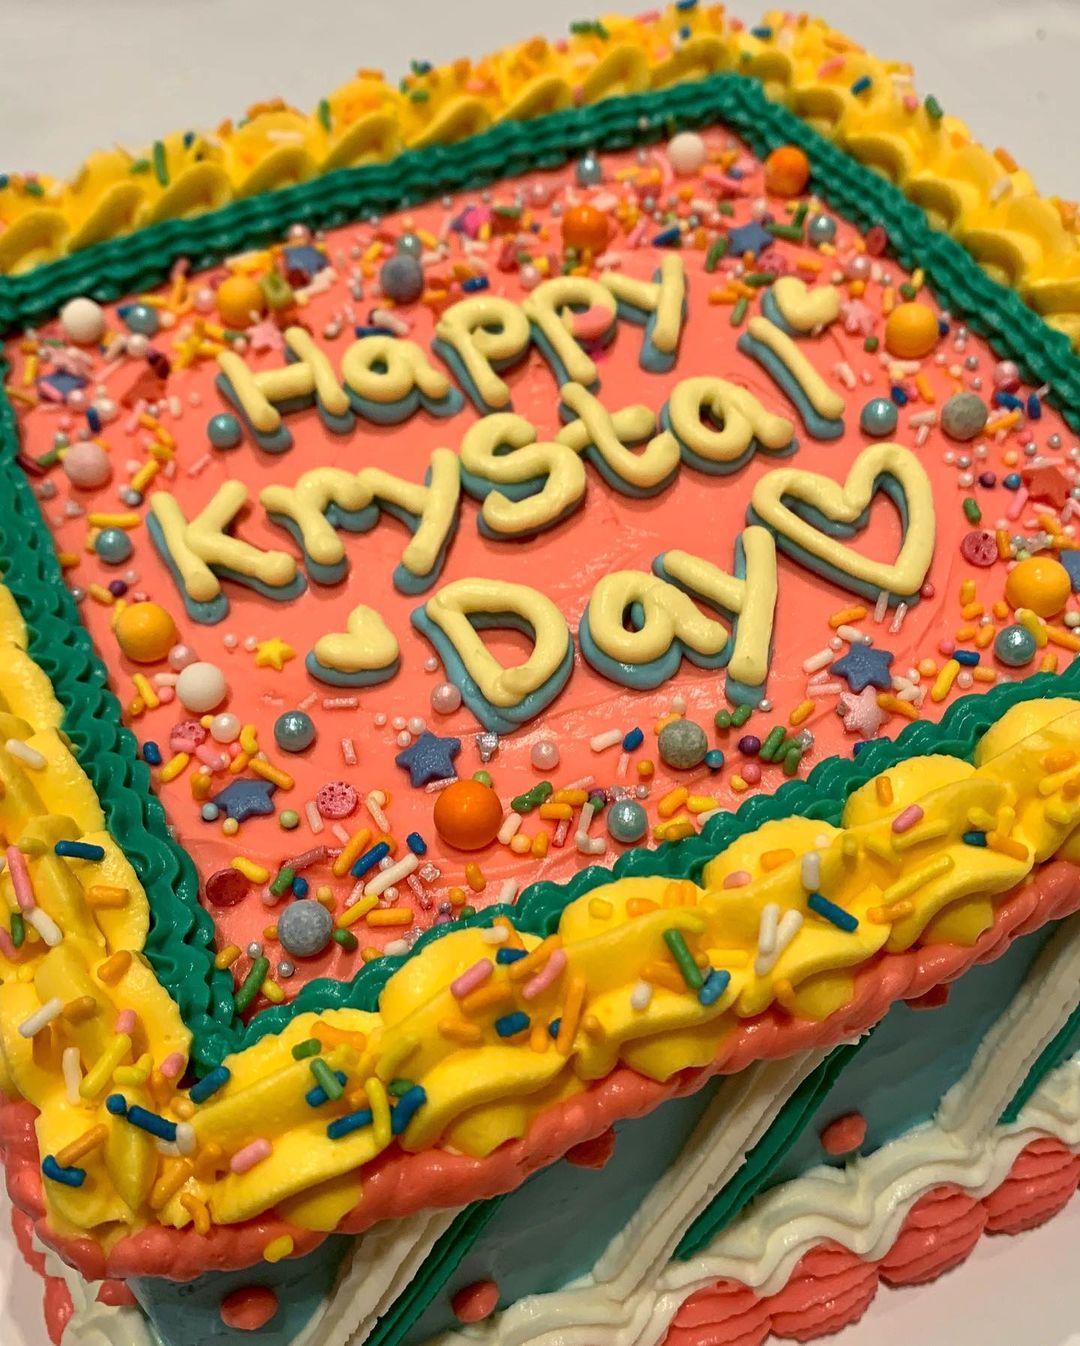 Krystal Cake